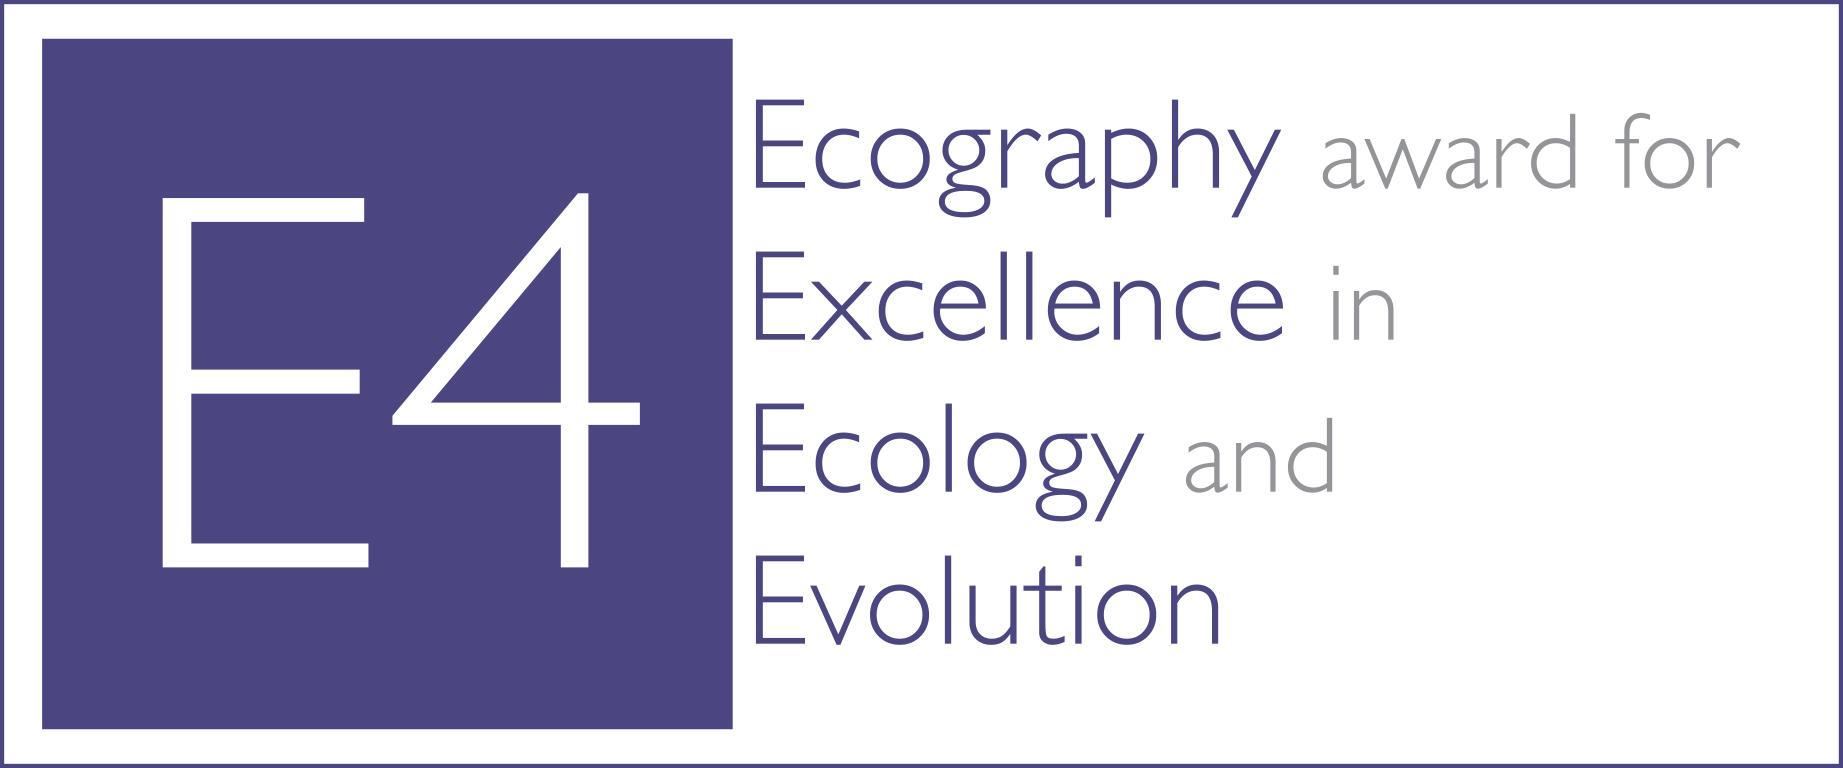 e4_award_logo.jpg